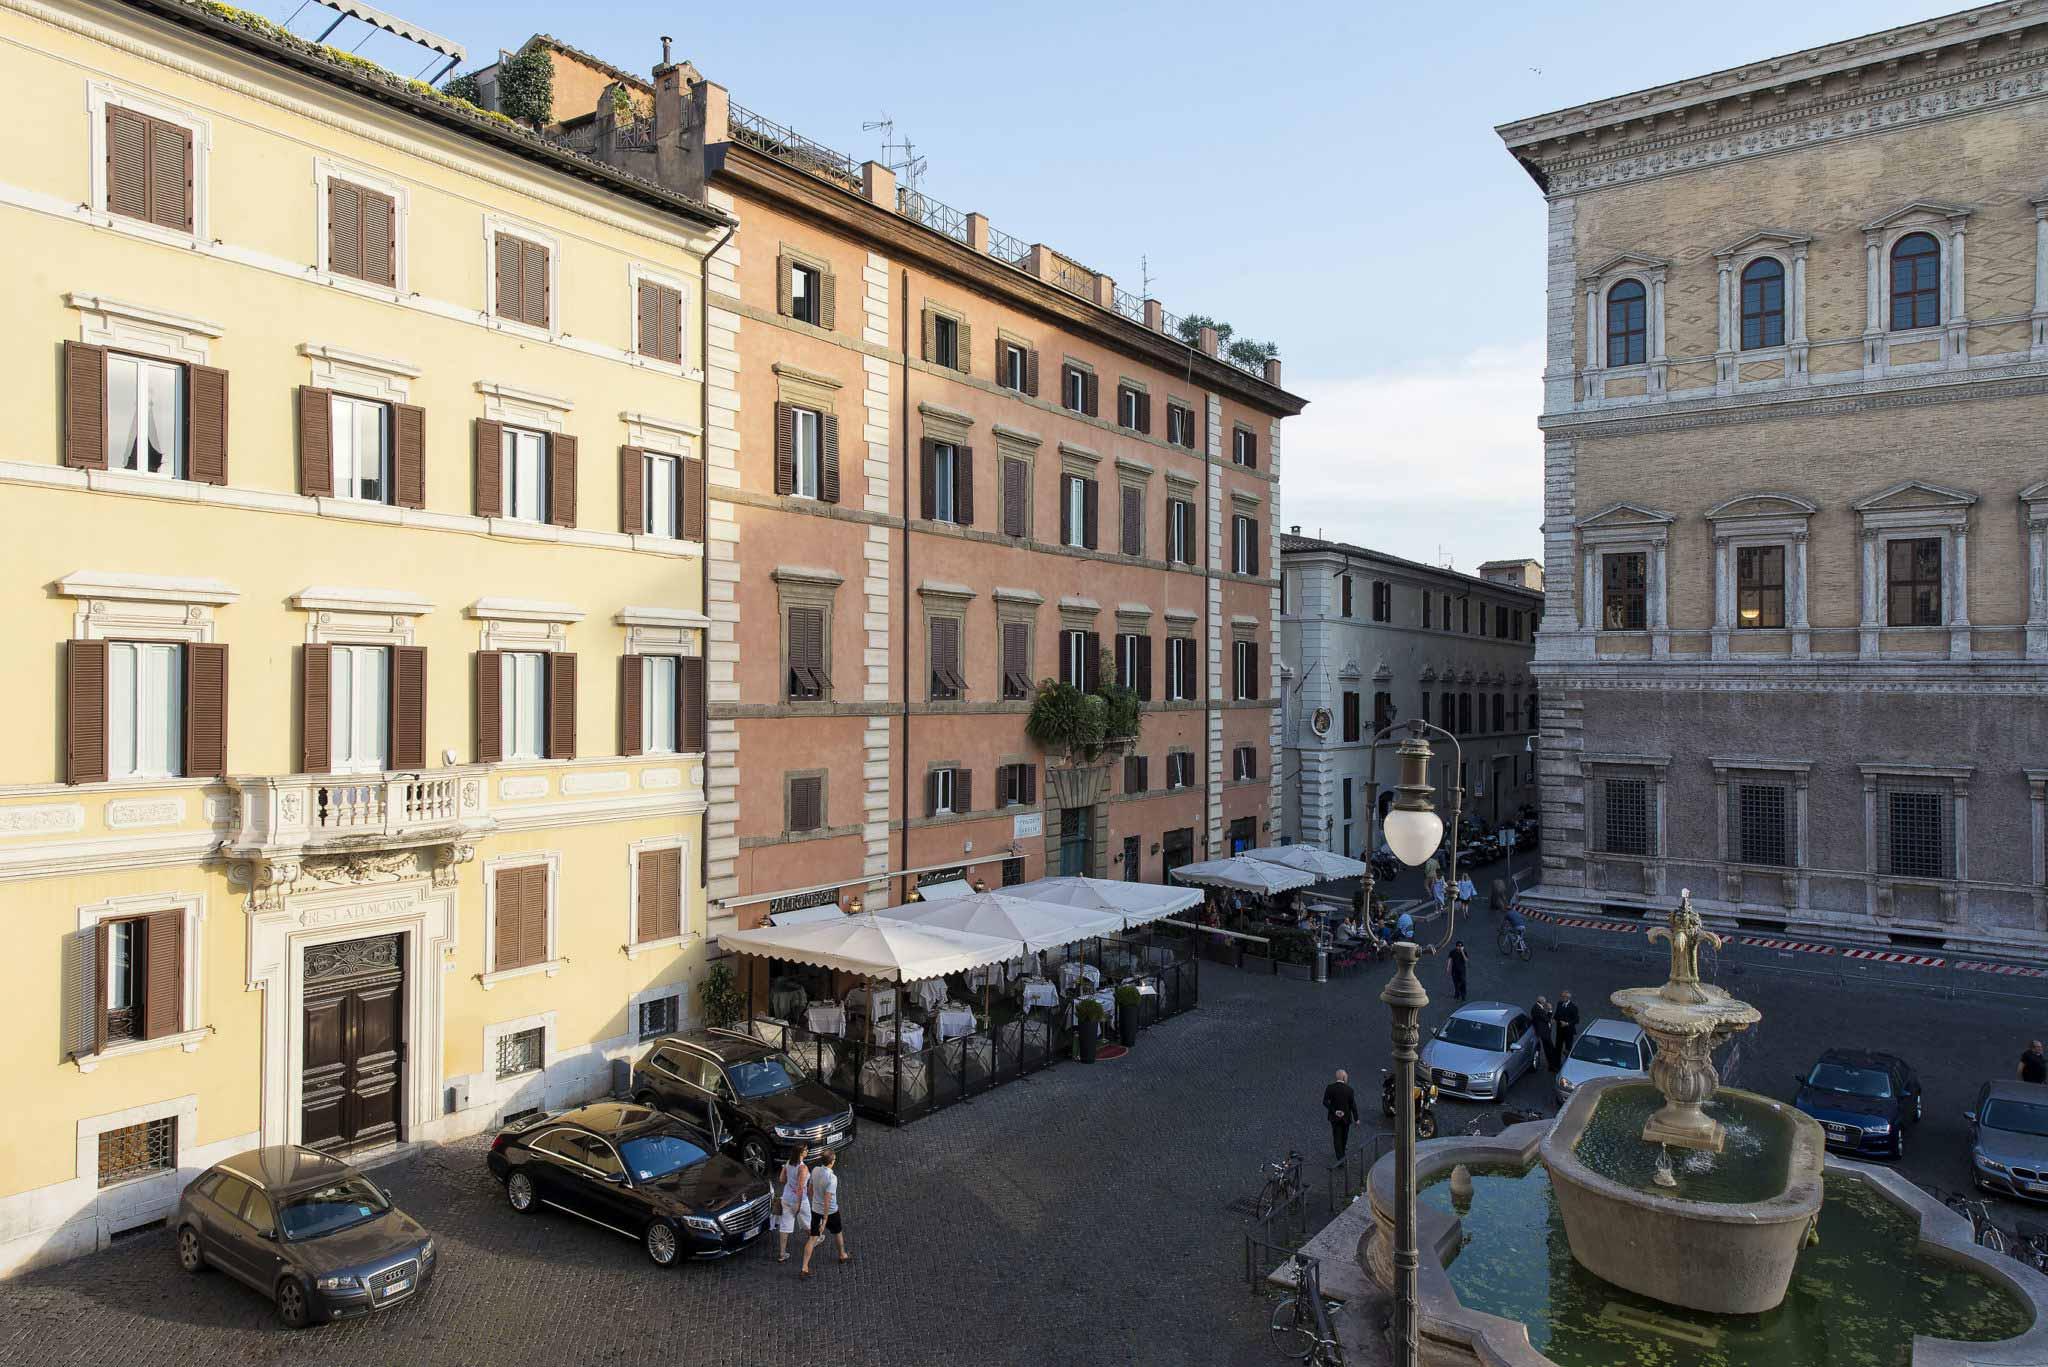 Fotografo per ristorante a Roma – Camponeschi #16